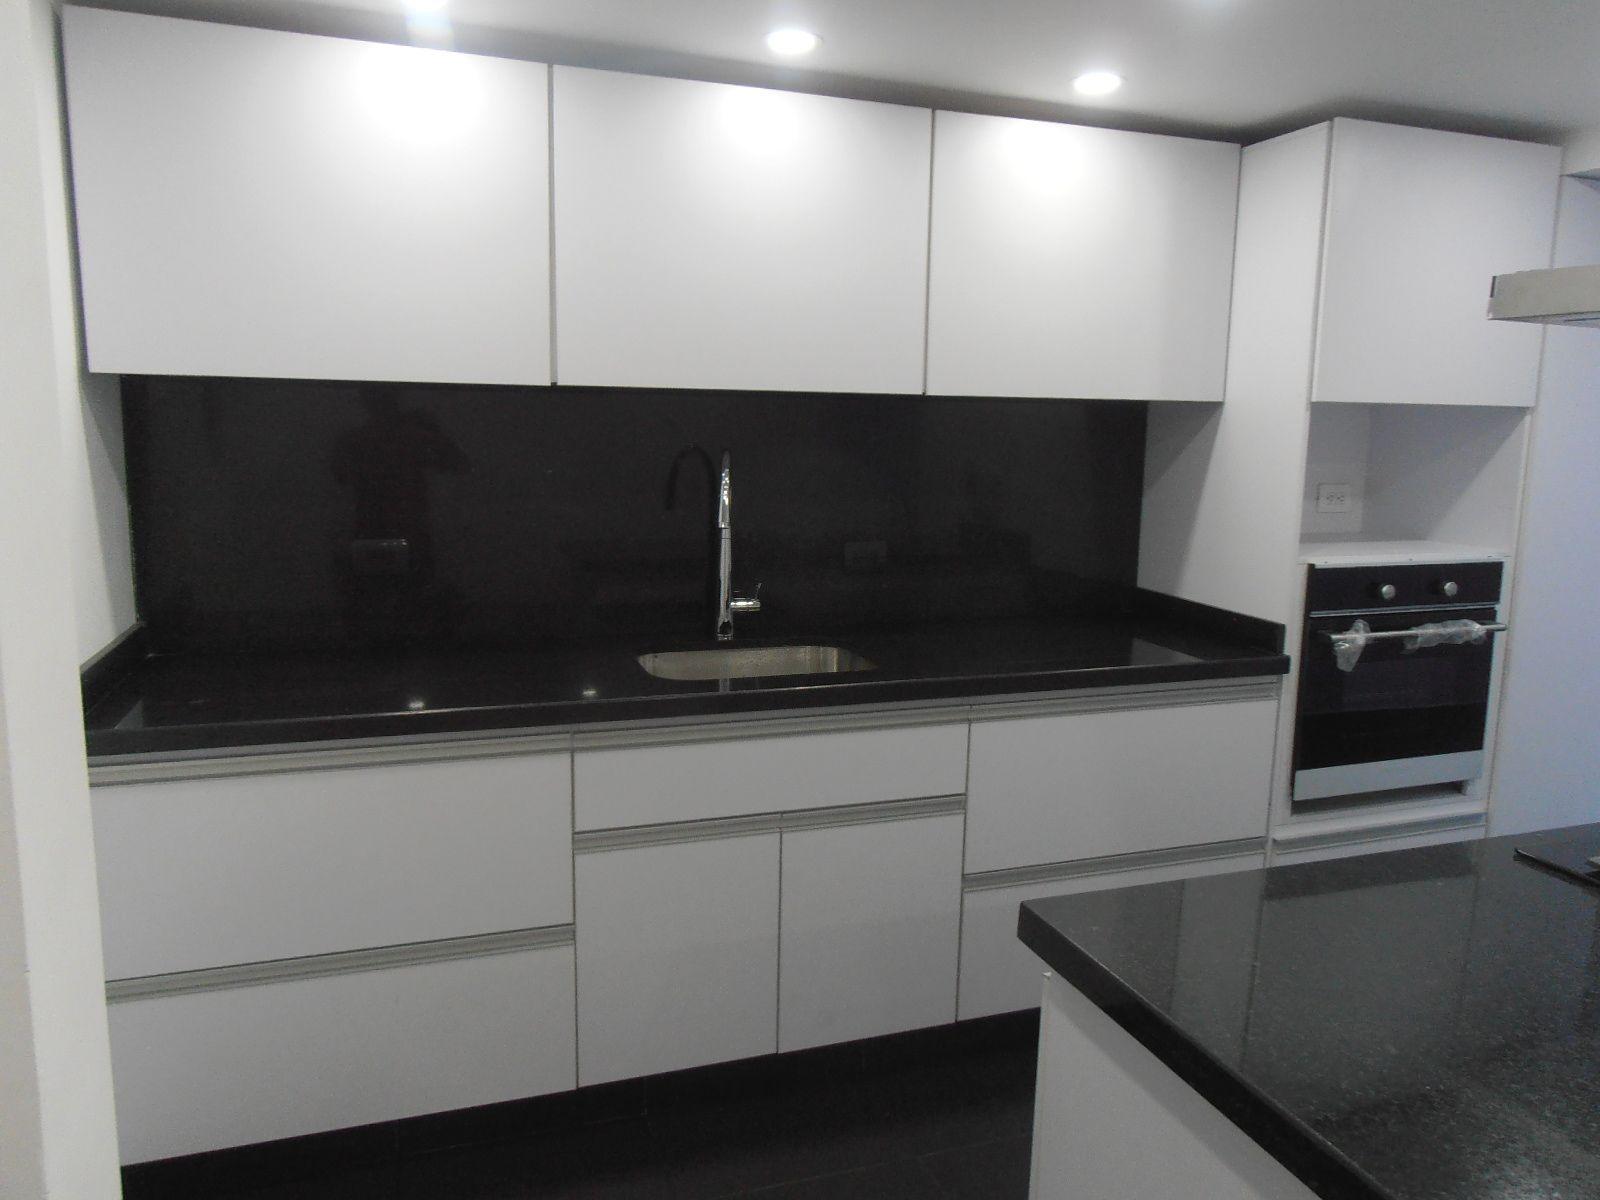 Cocina integral diseño blanca y negro | Ideas para el hogar ...